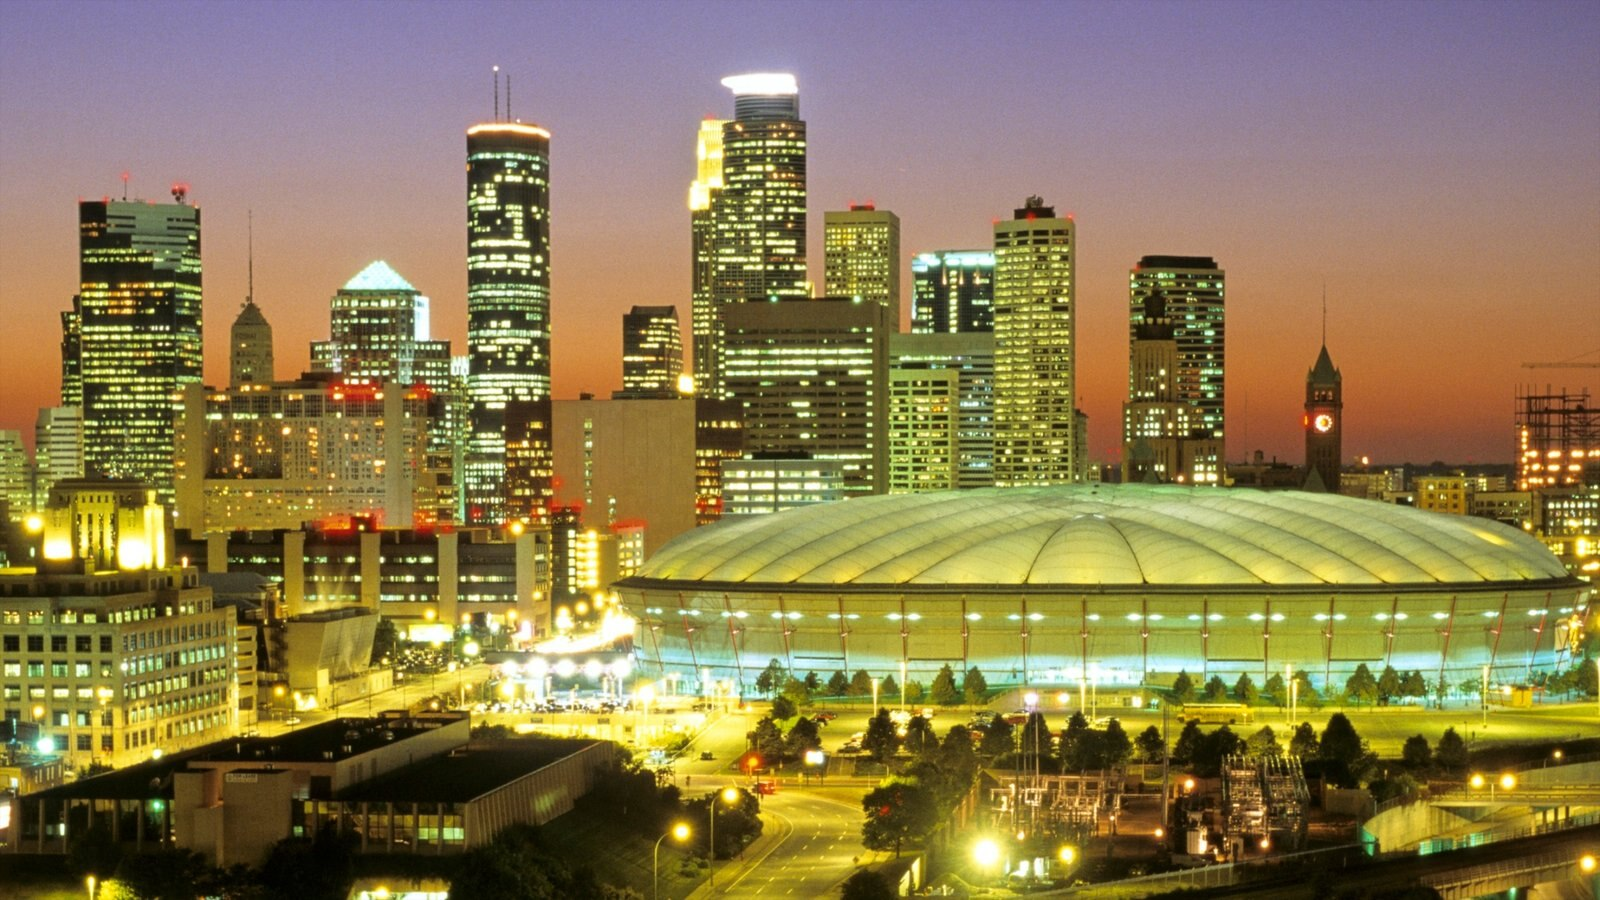 Minneapolis - St. Paul caracterizando cbd, linha do horizonte e uma cidade